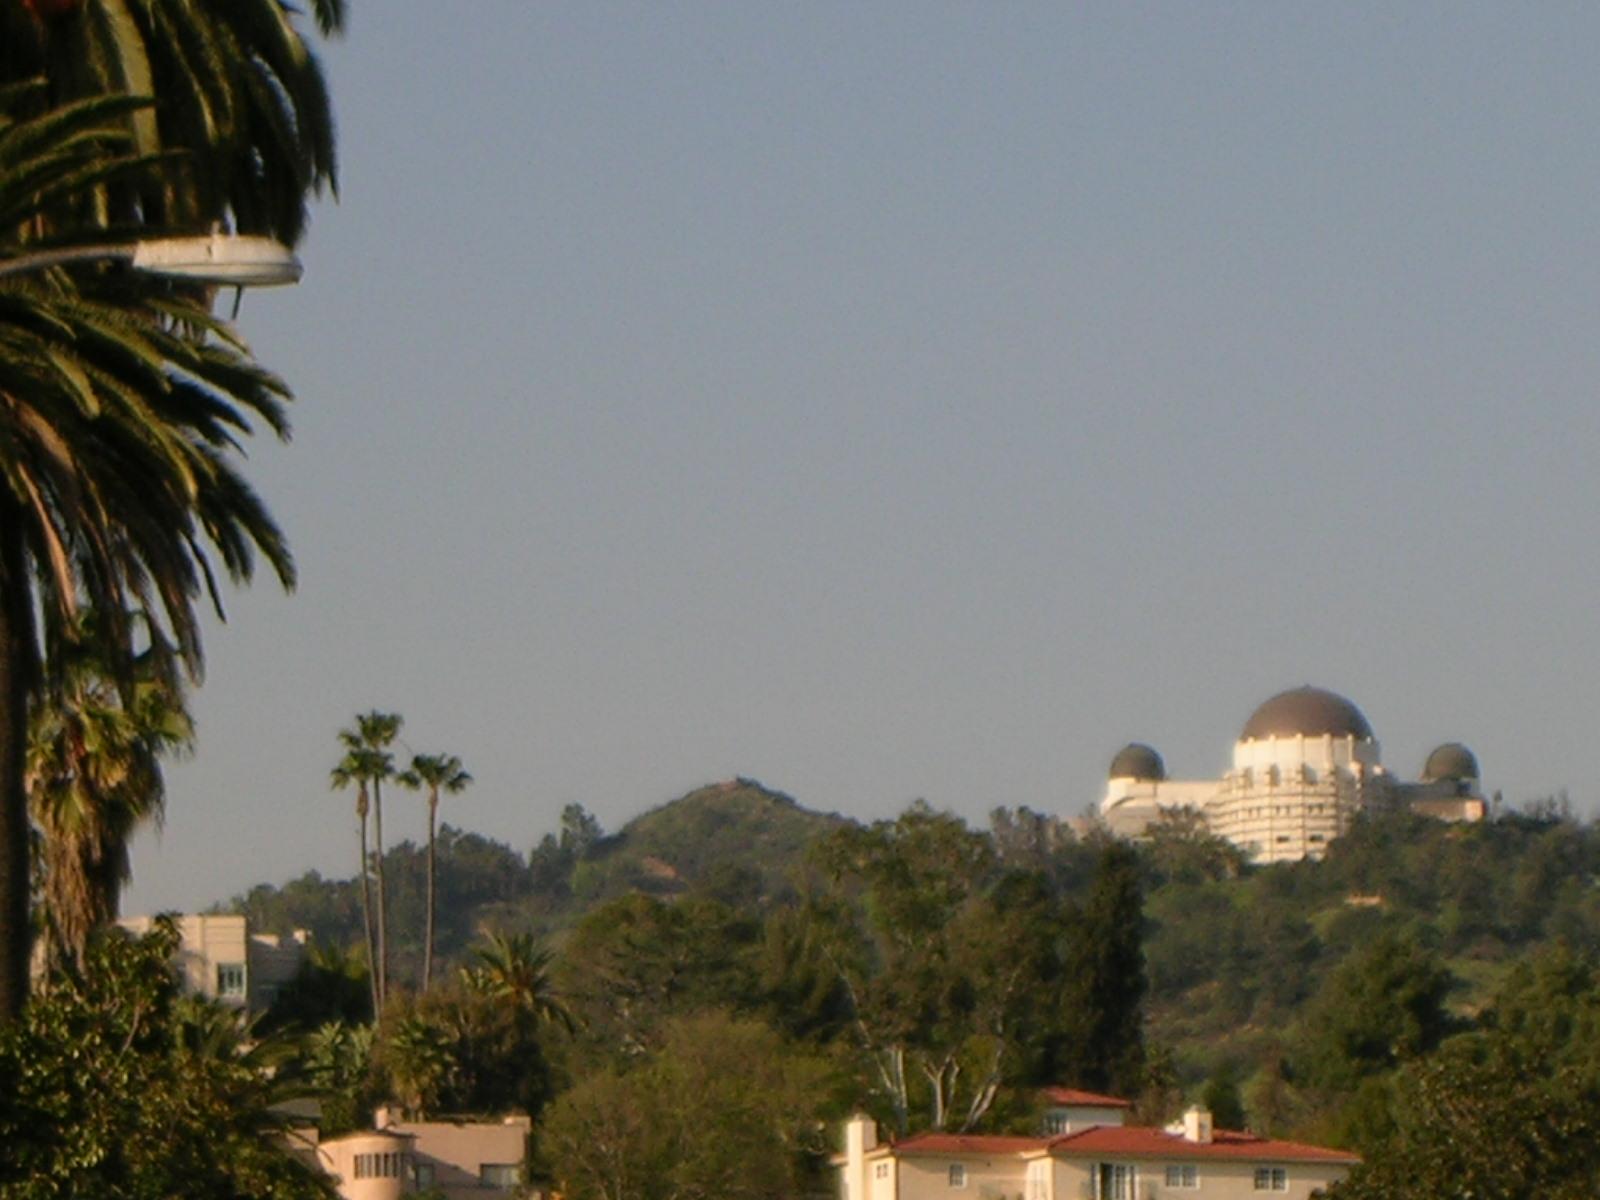 Observatory1 (333k image)